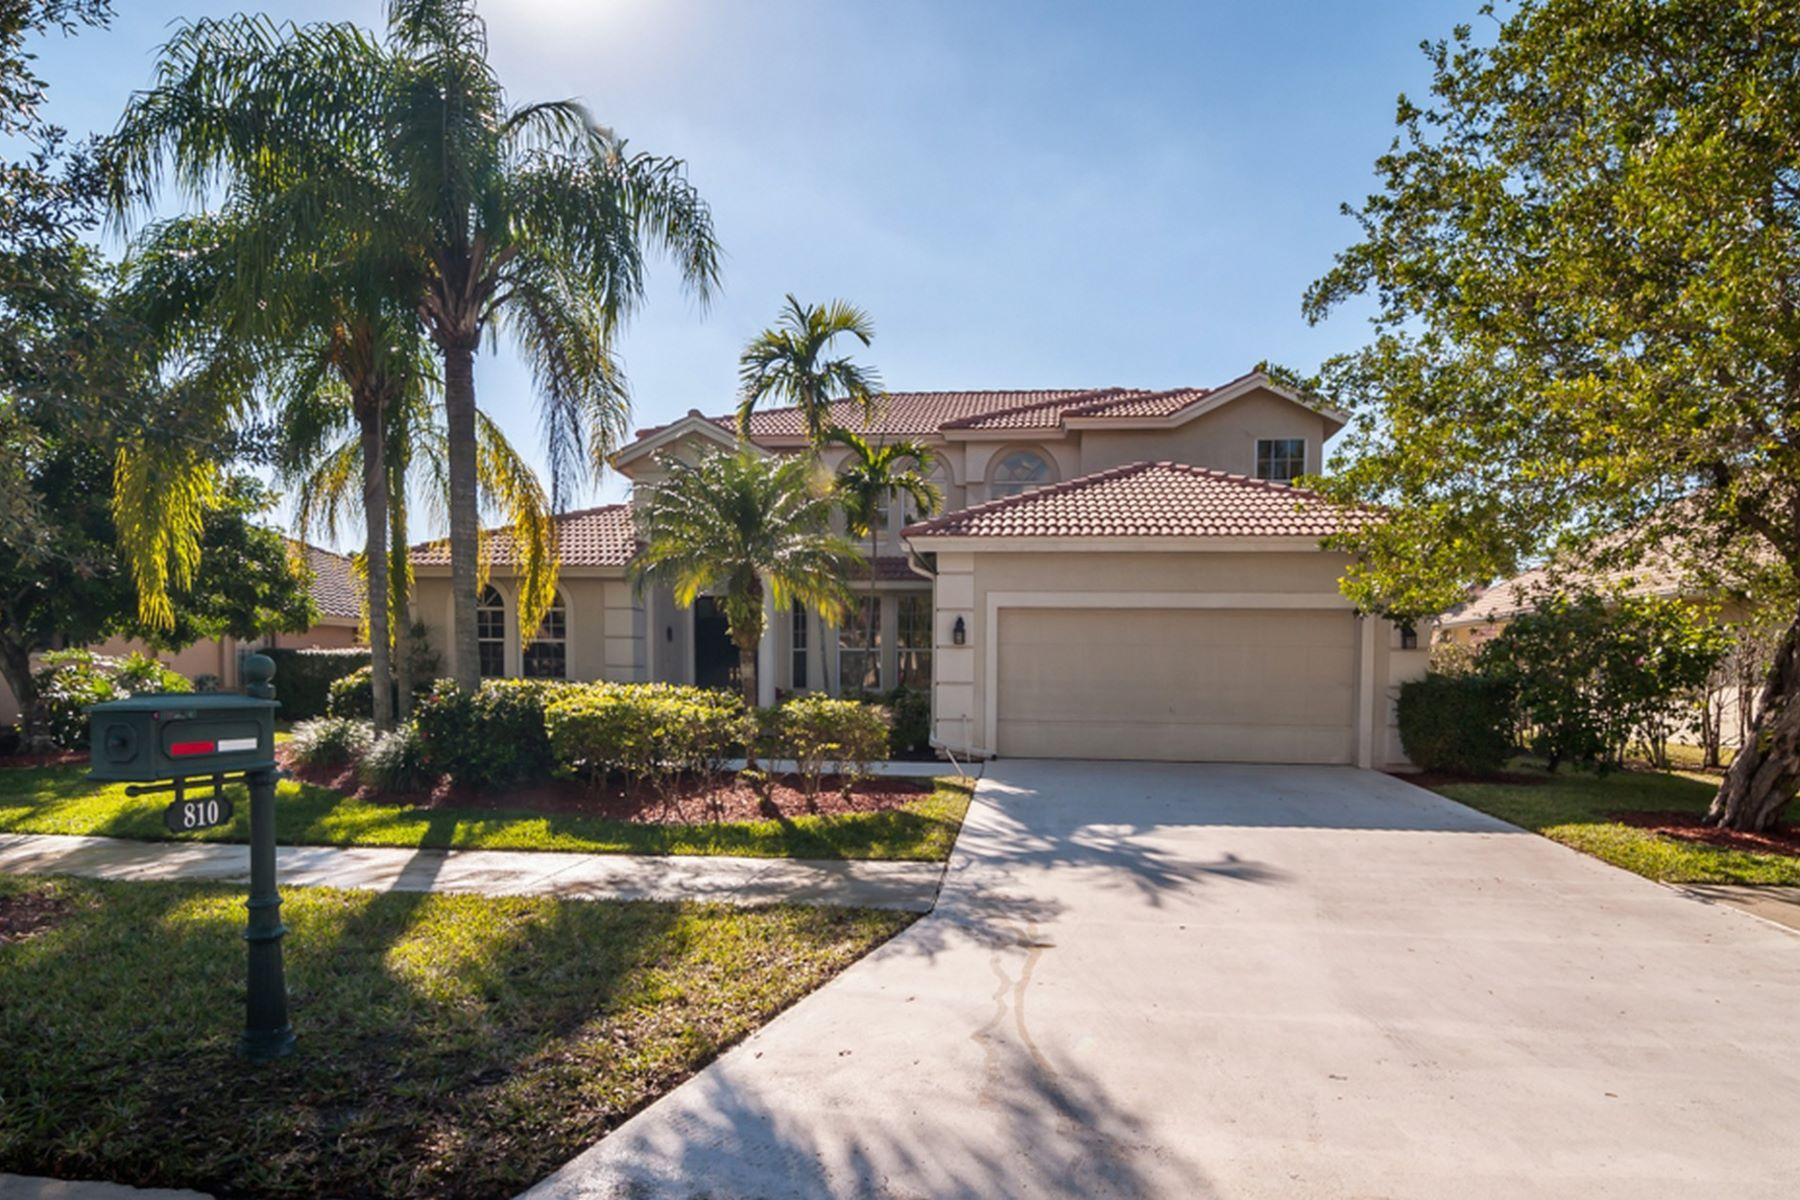 Частный односемейный дом для того Продажа на 810 Bayside Ln Weston, Флорида, 33326 Соединенные Штаты